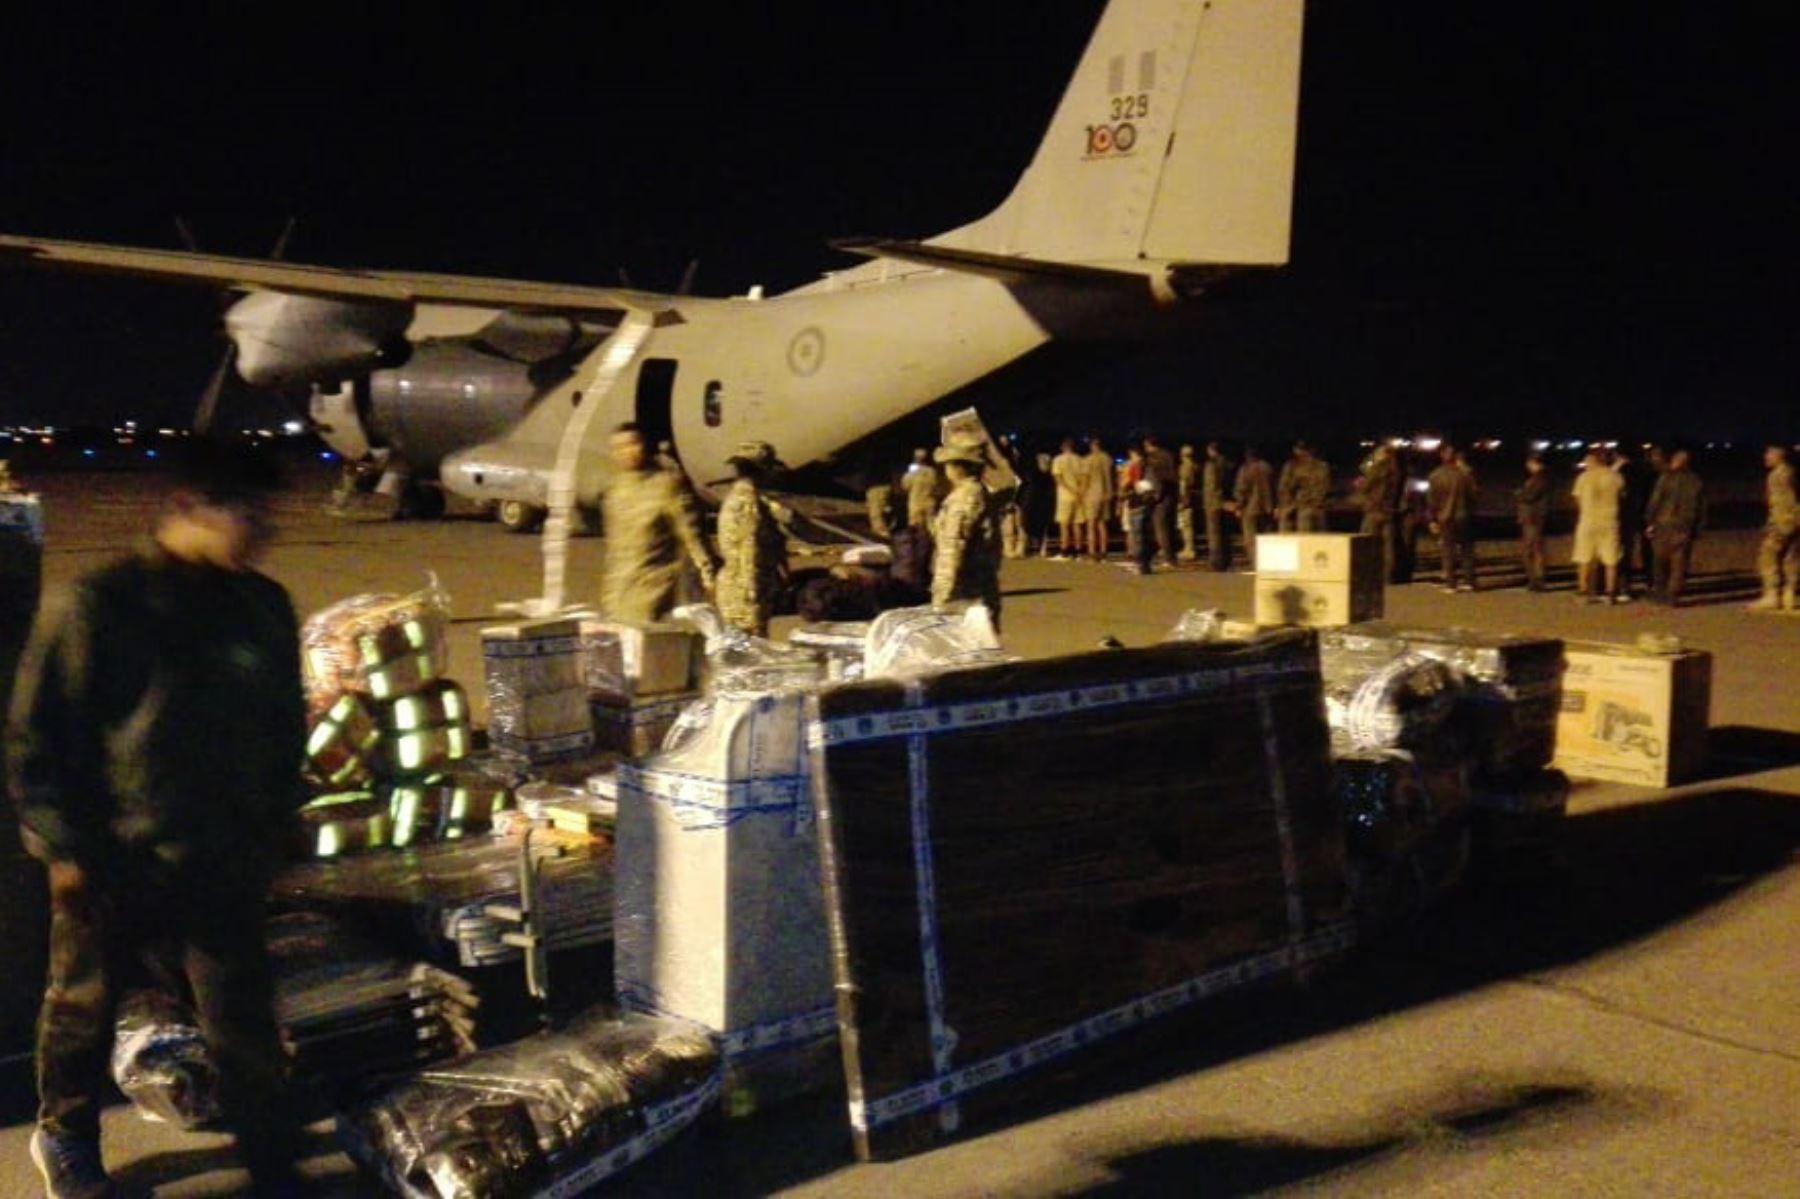 Ante los desastres naturales, la FAP ha efectuado 39 horas de vuelo para transportar 226 personas y trasladar 4,650 kilogramos de carga.